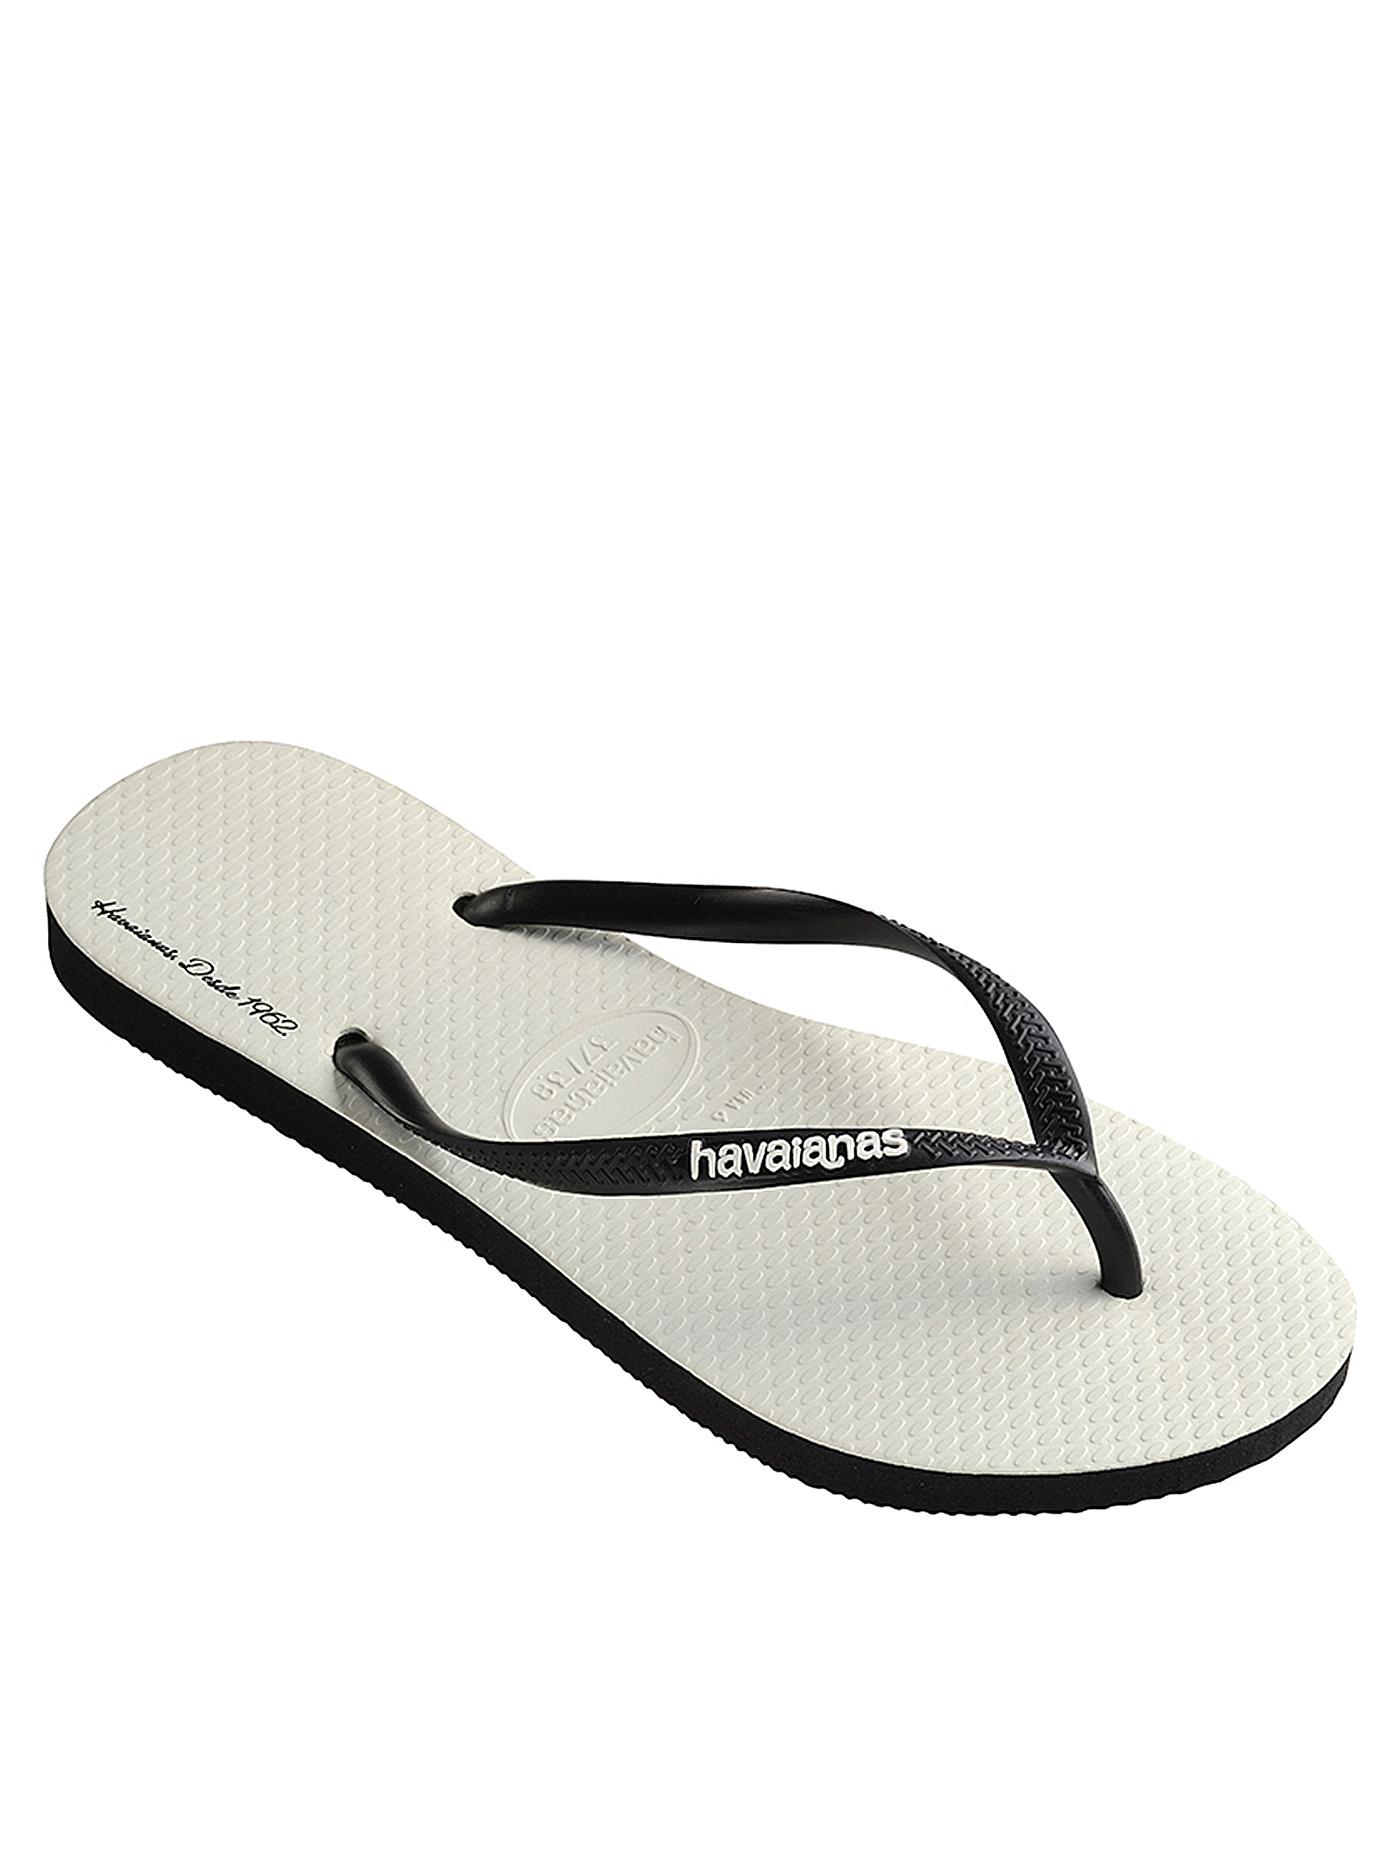 09c914c7d48e9c Flip Flops White Size 35